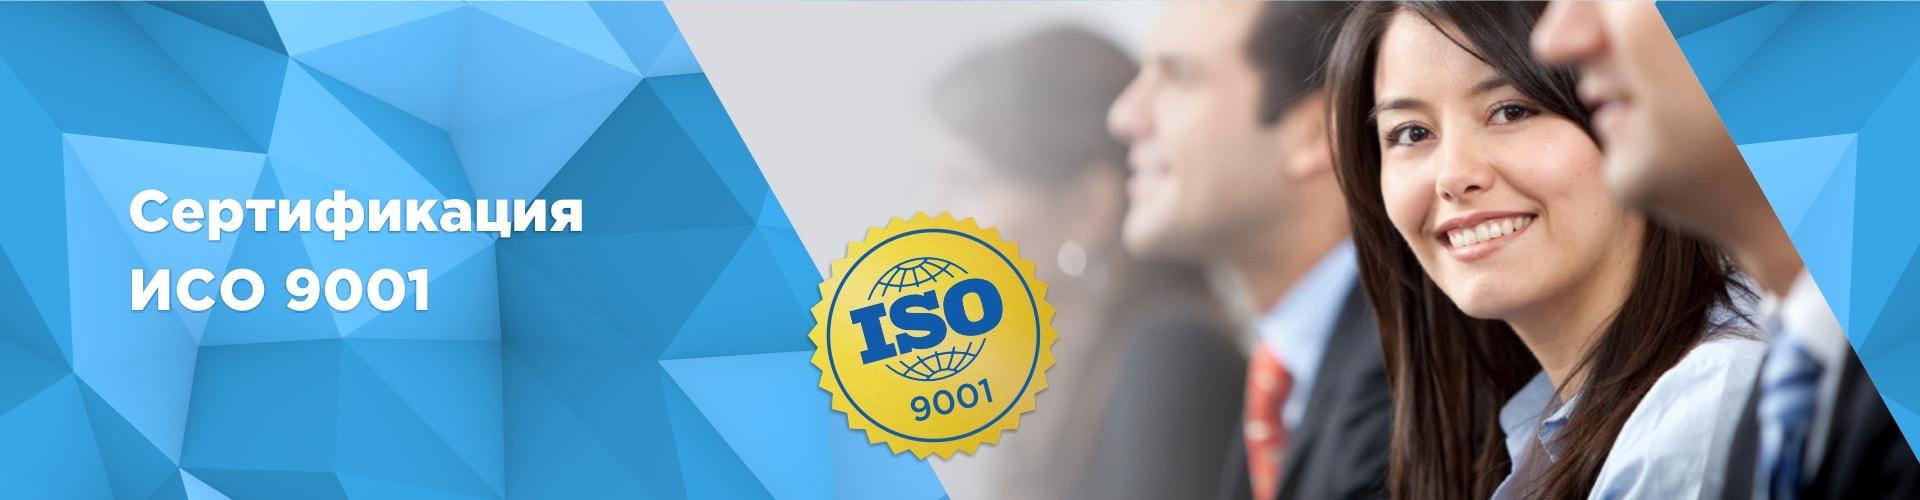 ИСО 9001:2015